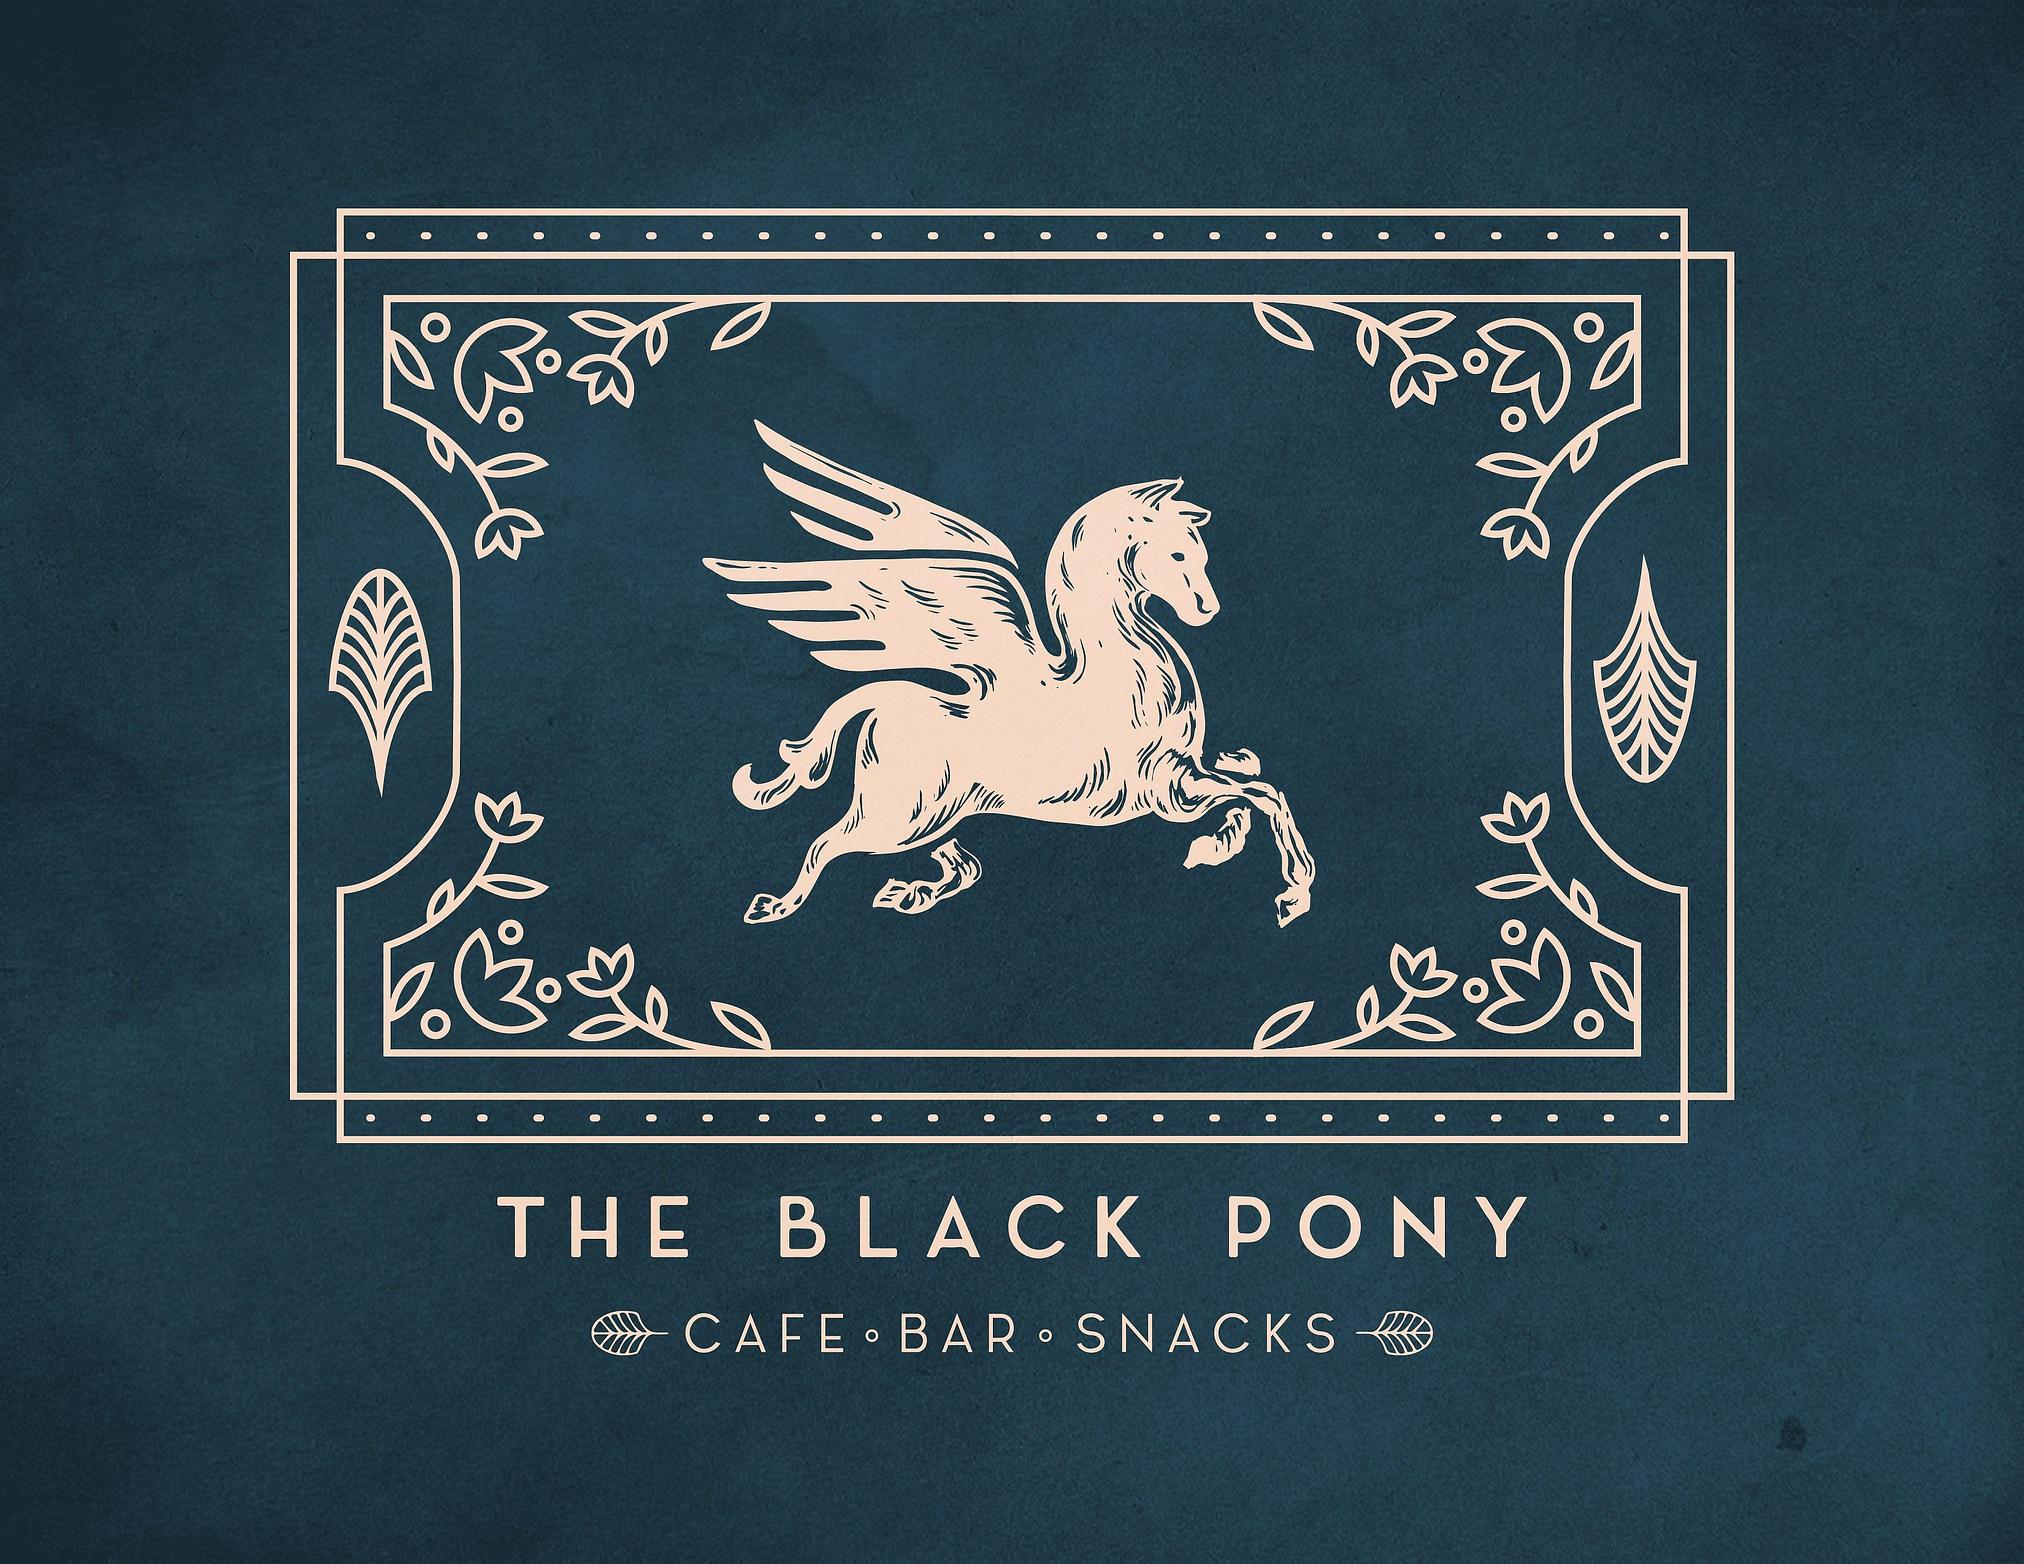 The Black Pony